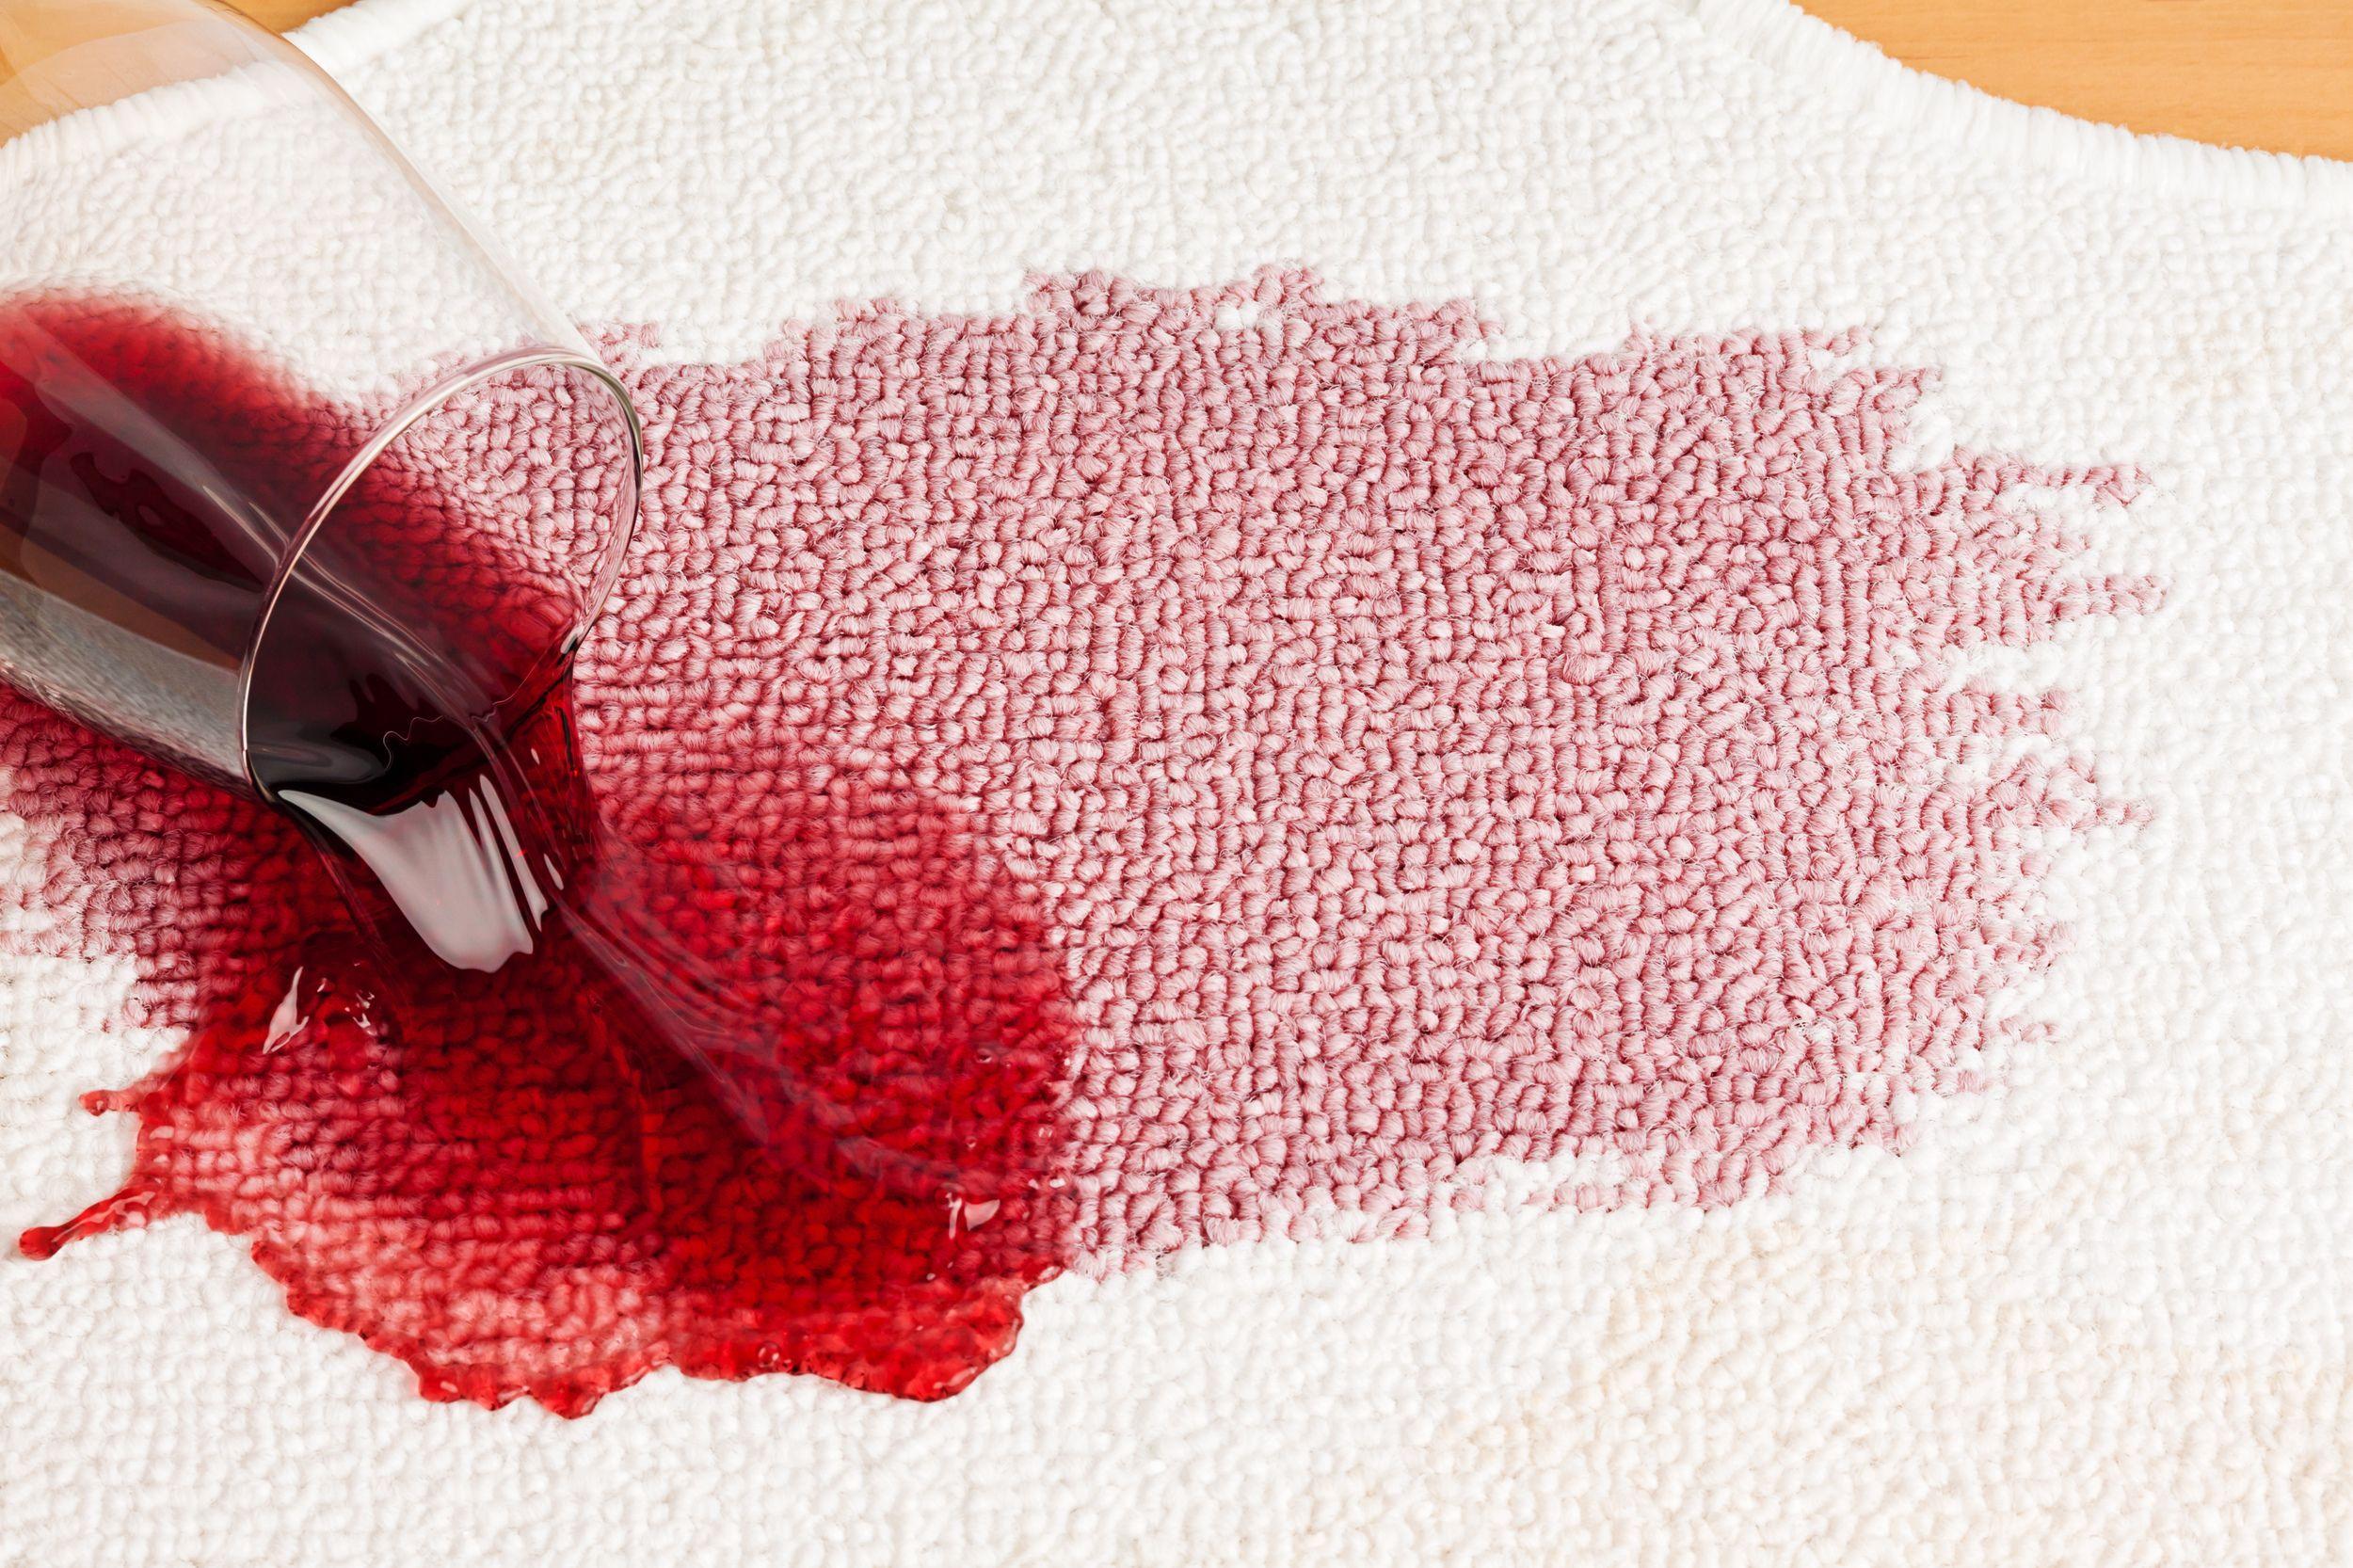 Trucos Para Eliminar Las Manchas De Comida De Tu Ropa Mujer De 10 Guía Real Para La Mujer Actual Entérate Ya Manchas De Vino Manchas De Vino Tinto Vino Rojo